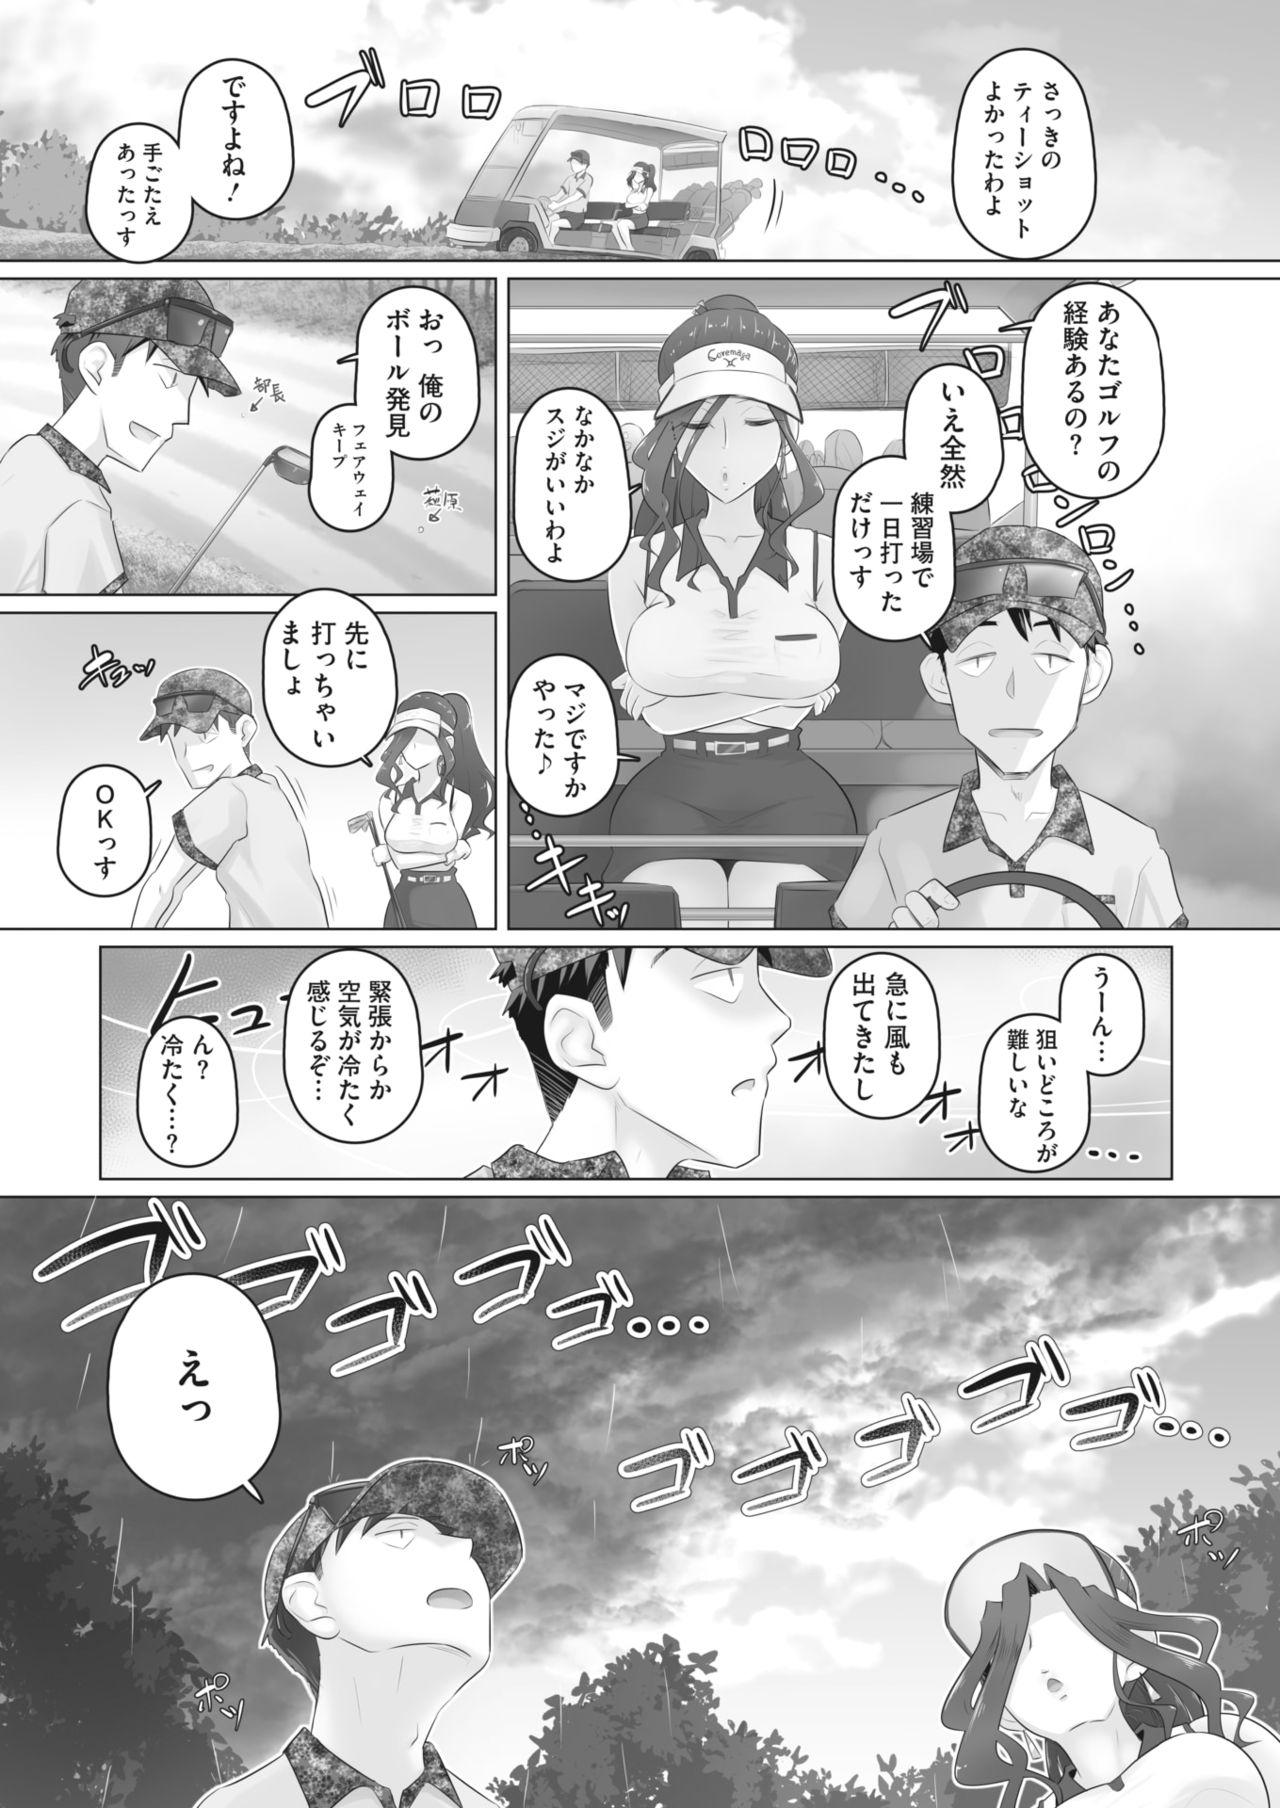 [Urayoroduya (Yoroduya Hyakuhachi)] Ki no Tsuyoi Onna Joushi (31-sai Hitozuma) Matome 98